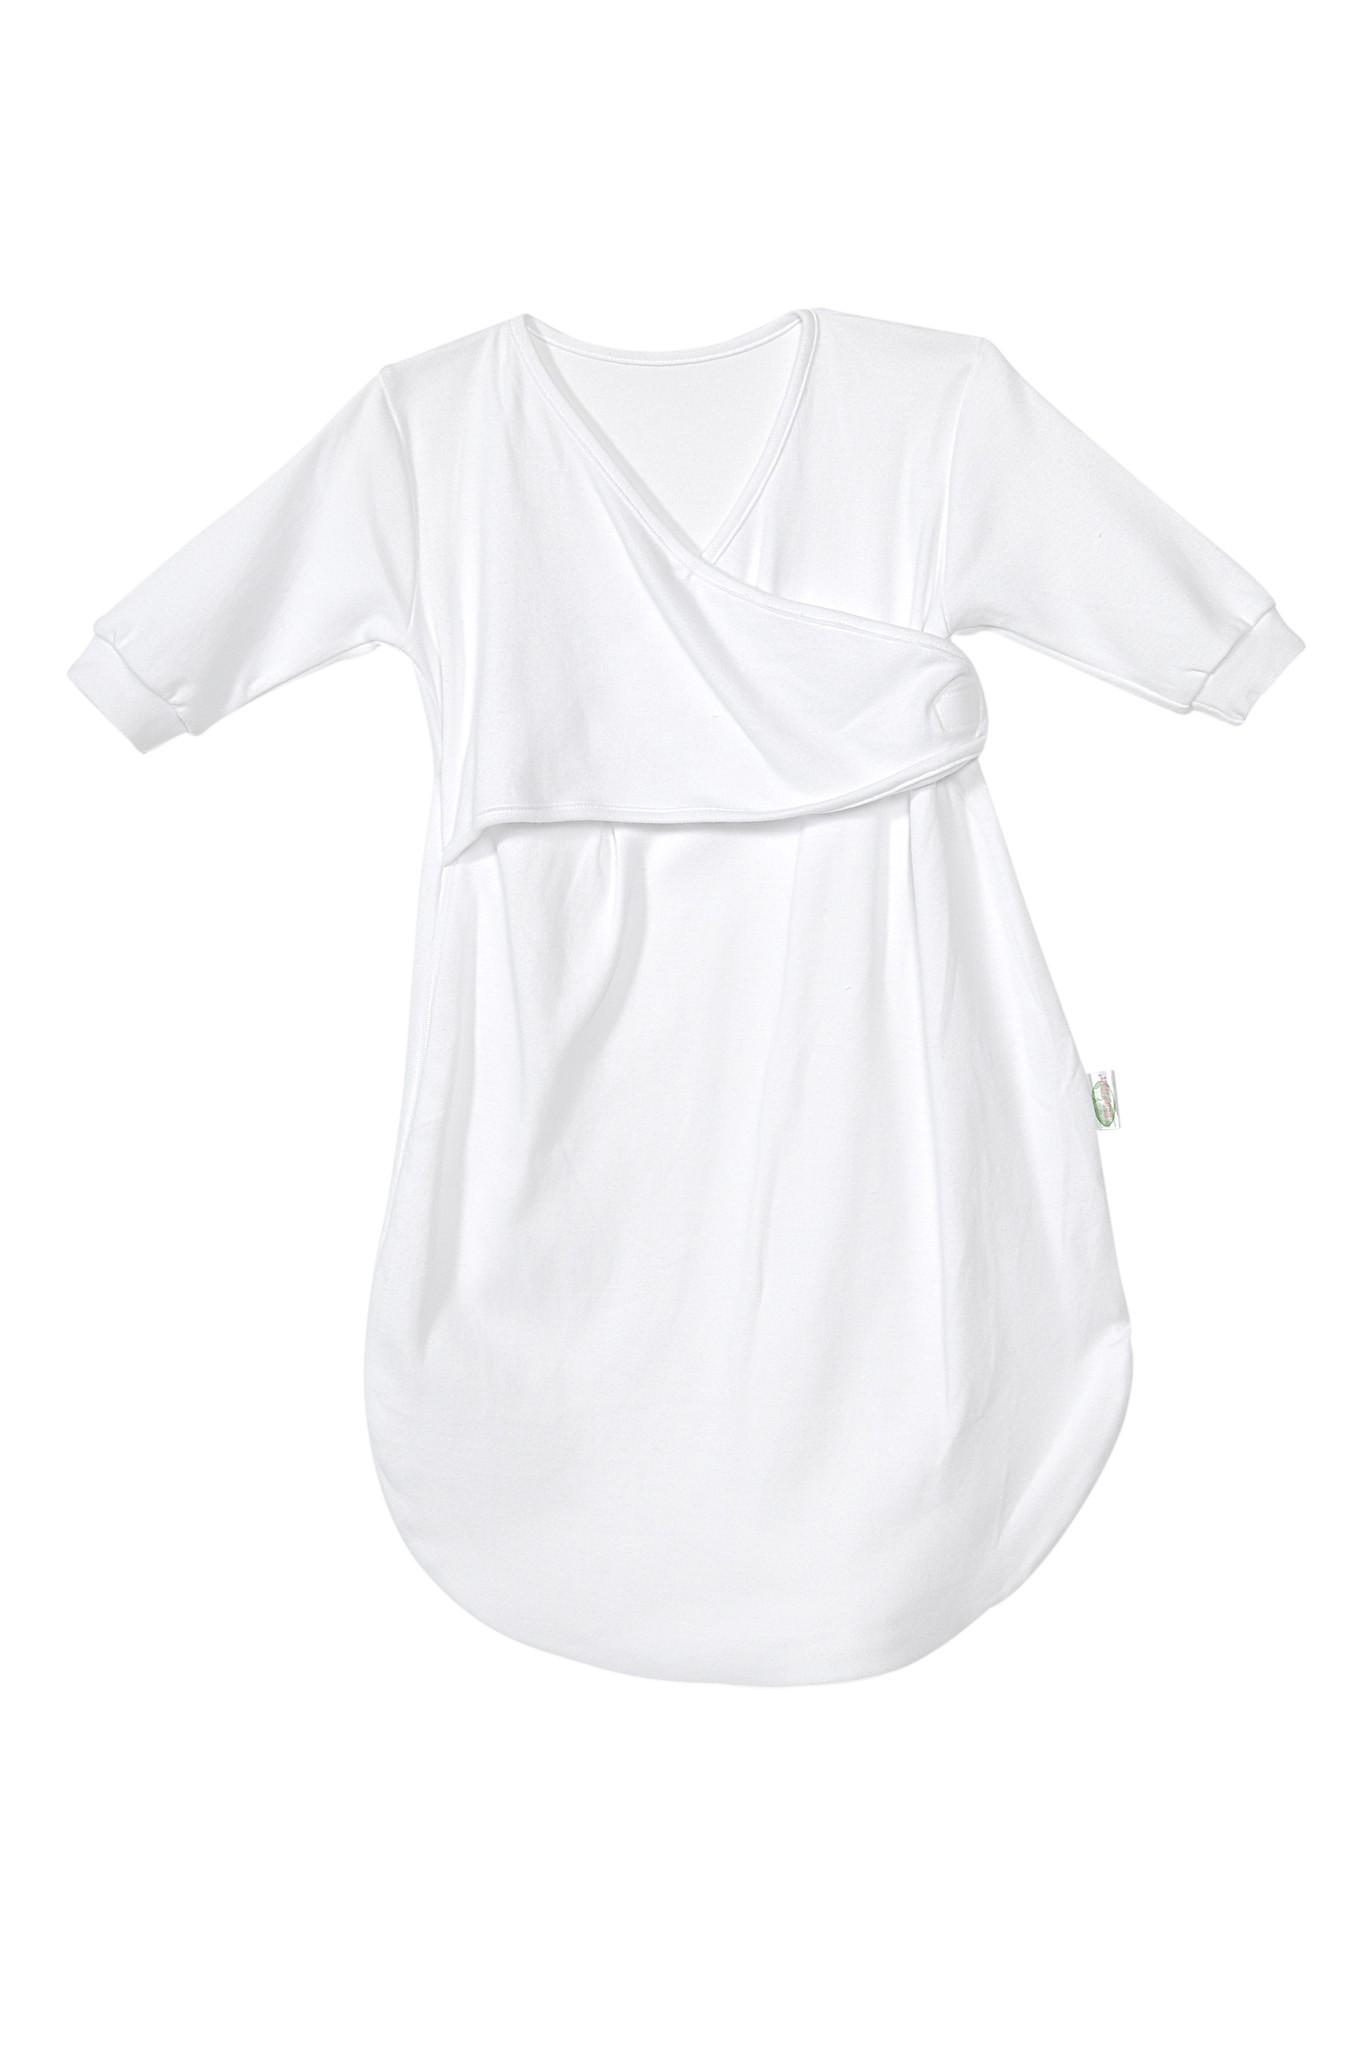 Odenwälder Jersey Unterzieh-Schlafsack Baby Gr. 74 cm weiß 1040